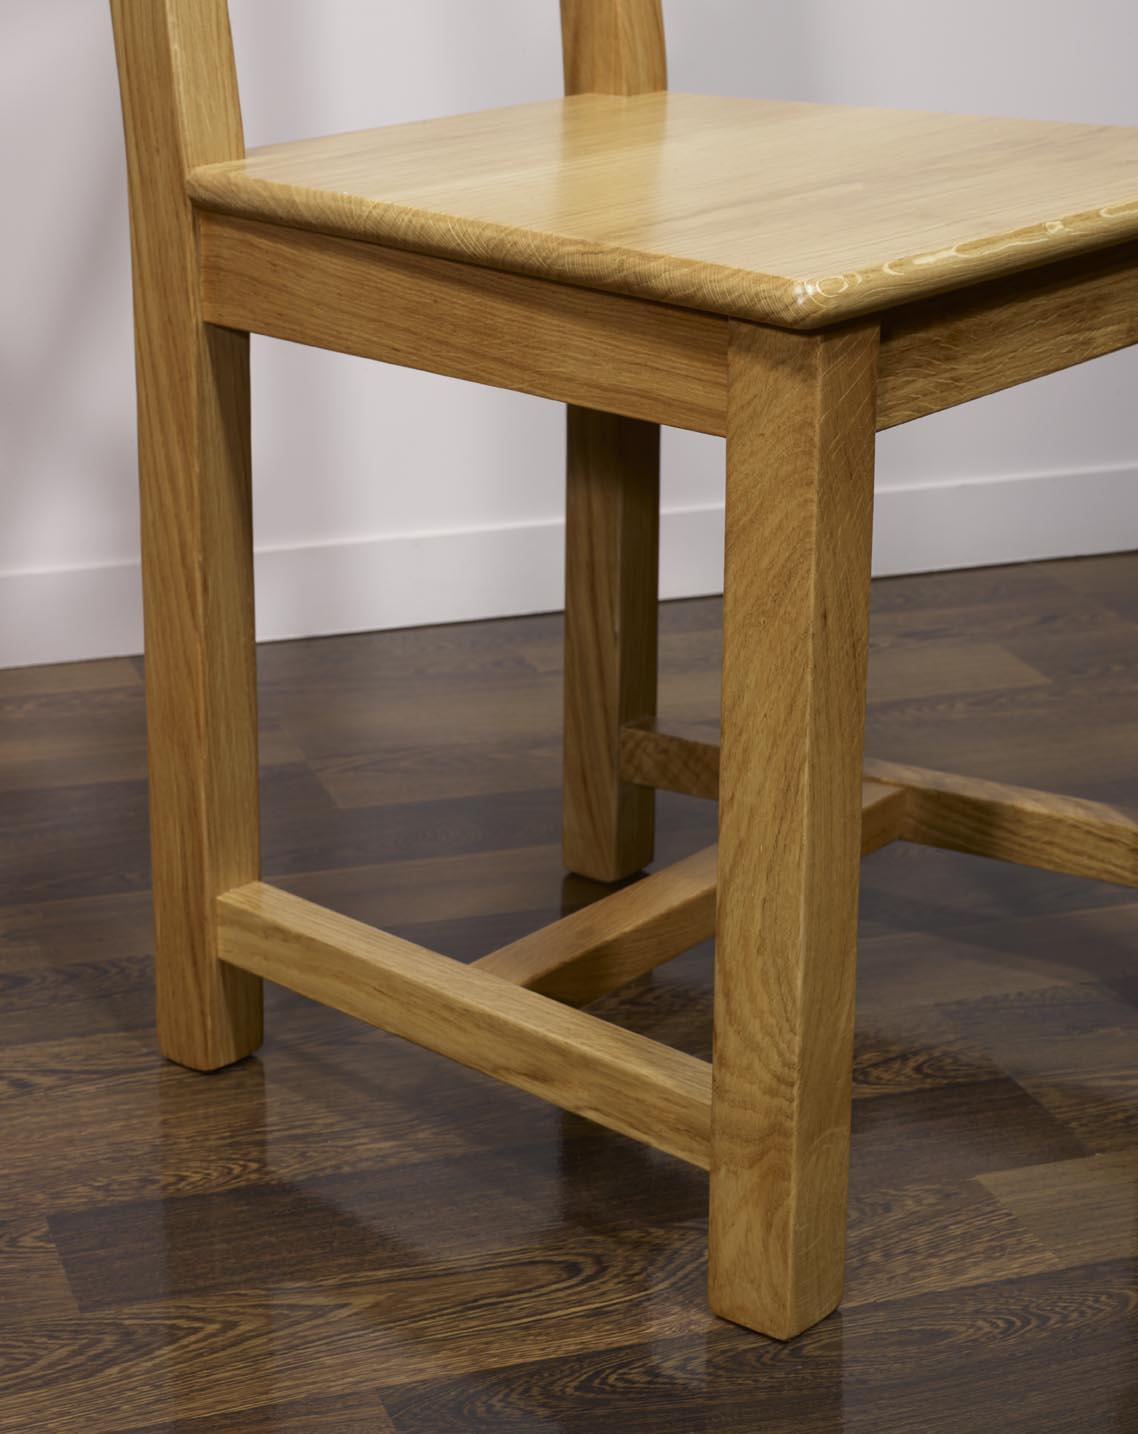 Chaise olivier en ch ne massif de style campagne assise ch ne meuble en ch - Table style campagne ...